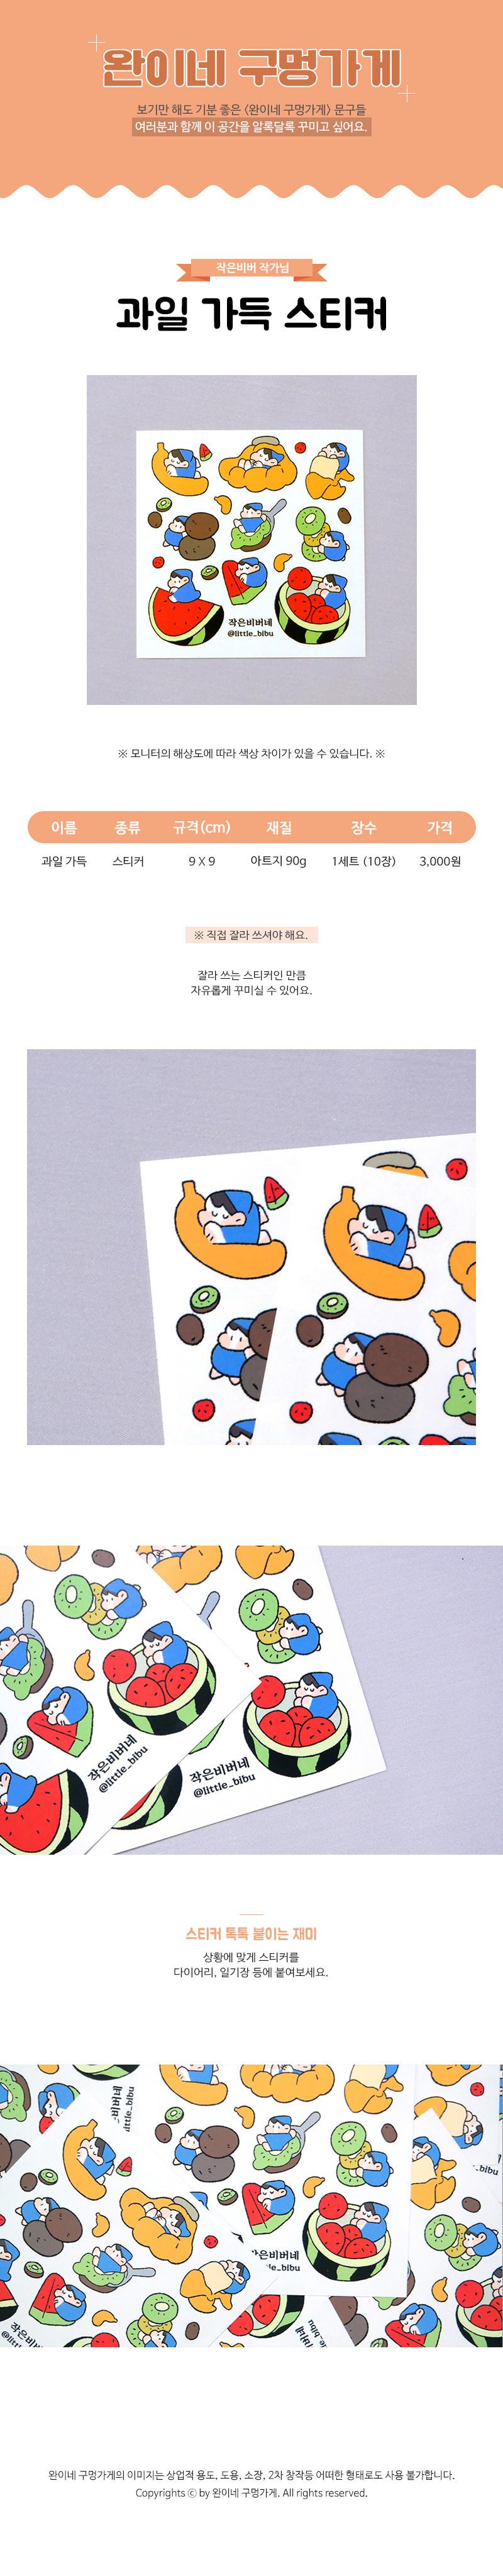 sticker596